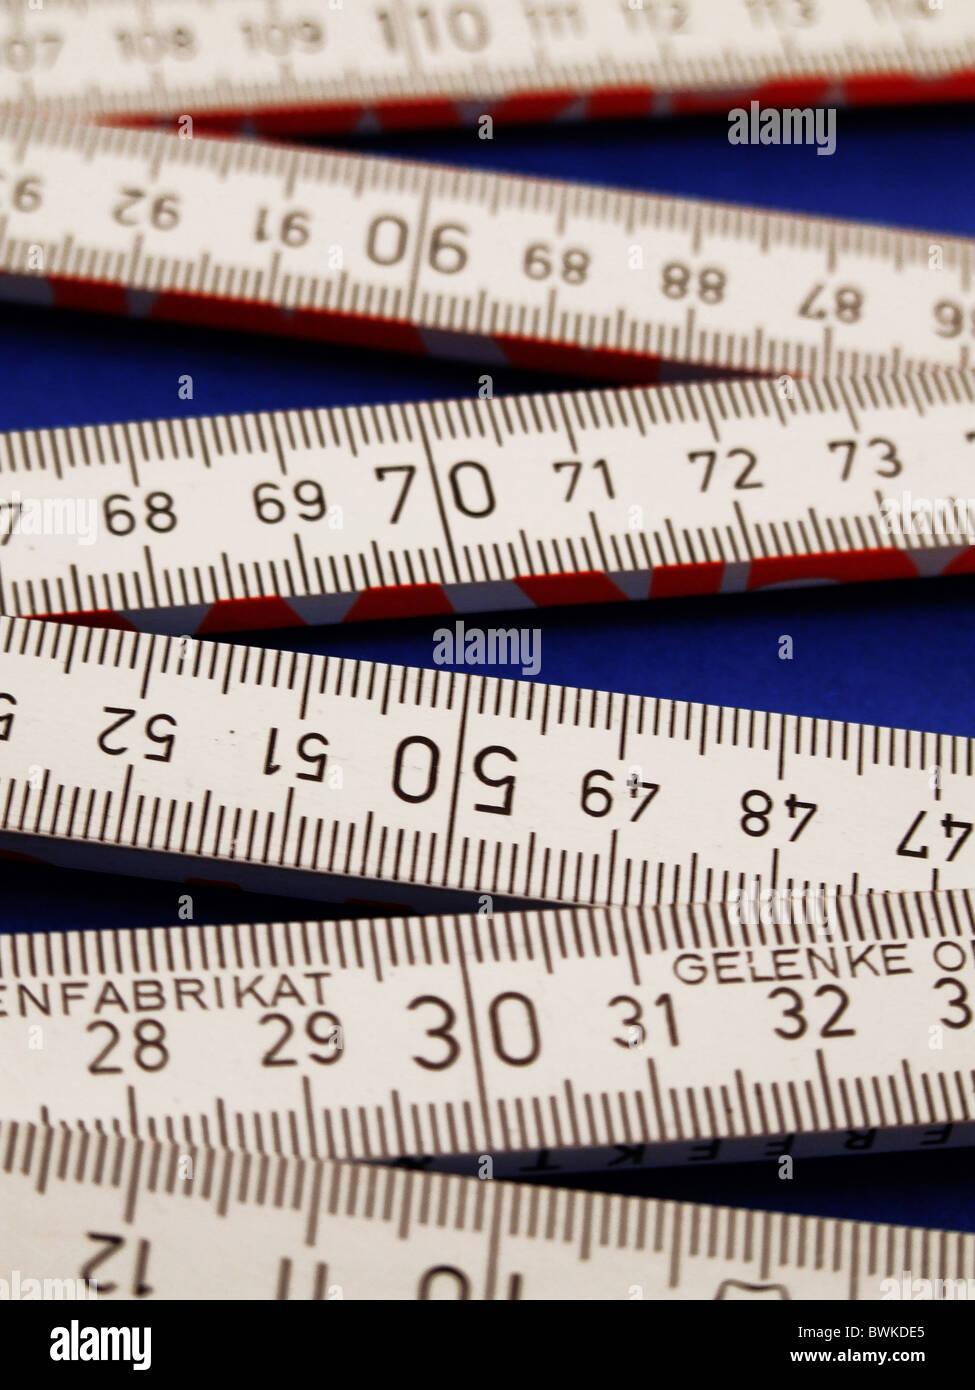 folding rule graduation meter stick limb graduation detail scale measuring measure - Stock Image